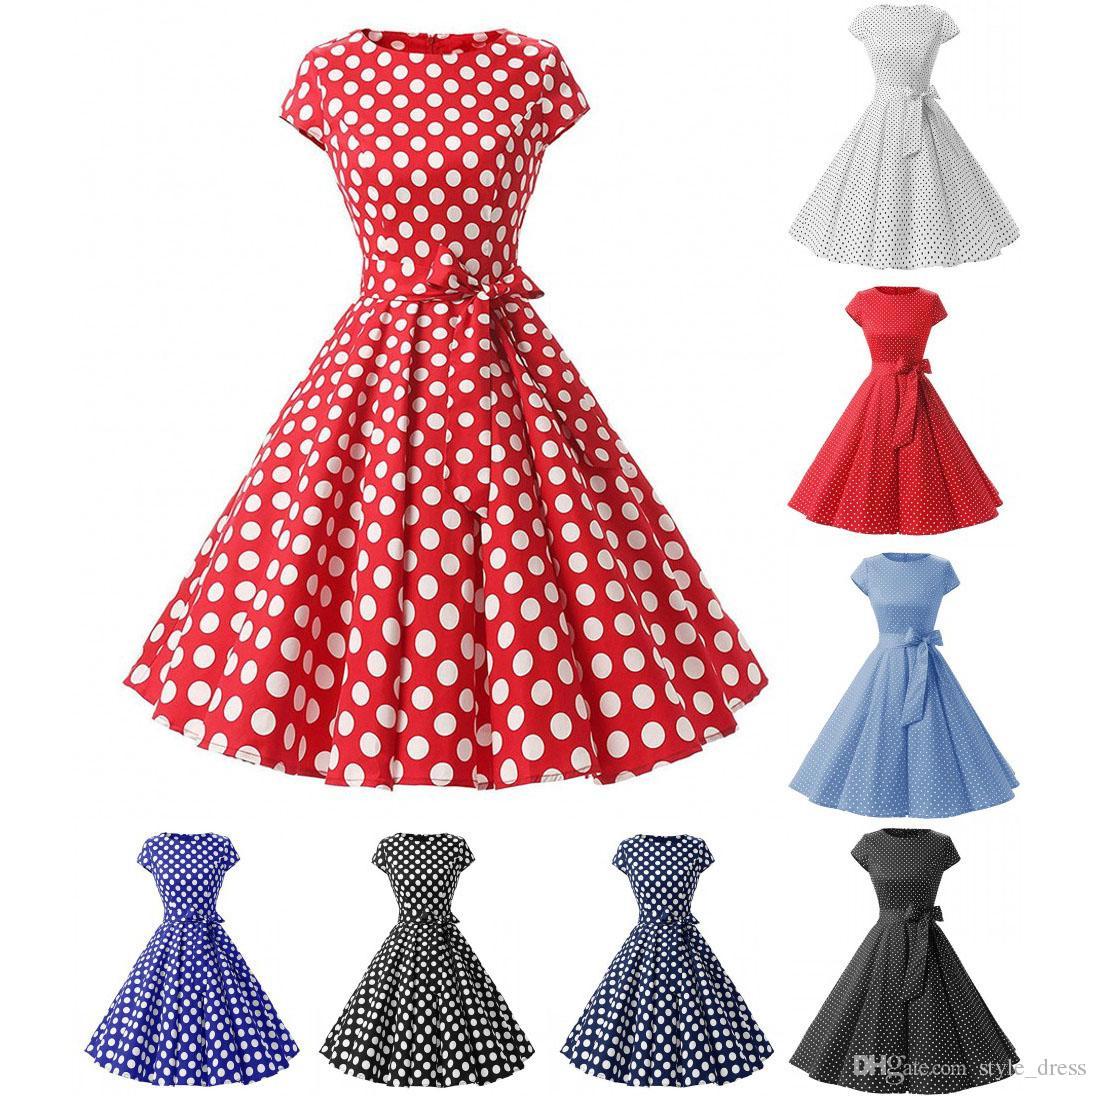 großhandel vintage polka dot kleid frauen sommer kurzarm gürtel rockabilly  casual party kleid von style_dress, 18,52 € auf de.dhgate | dhgate